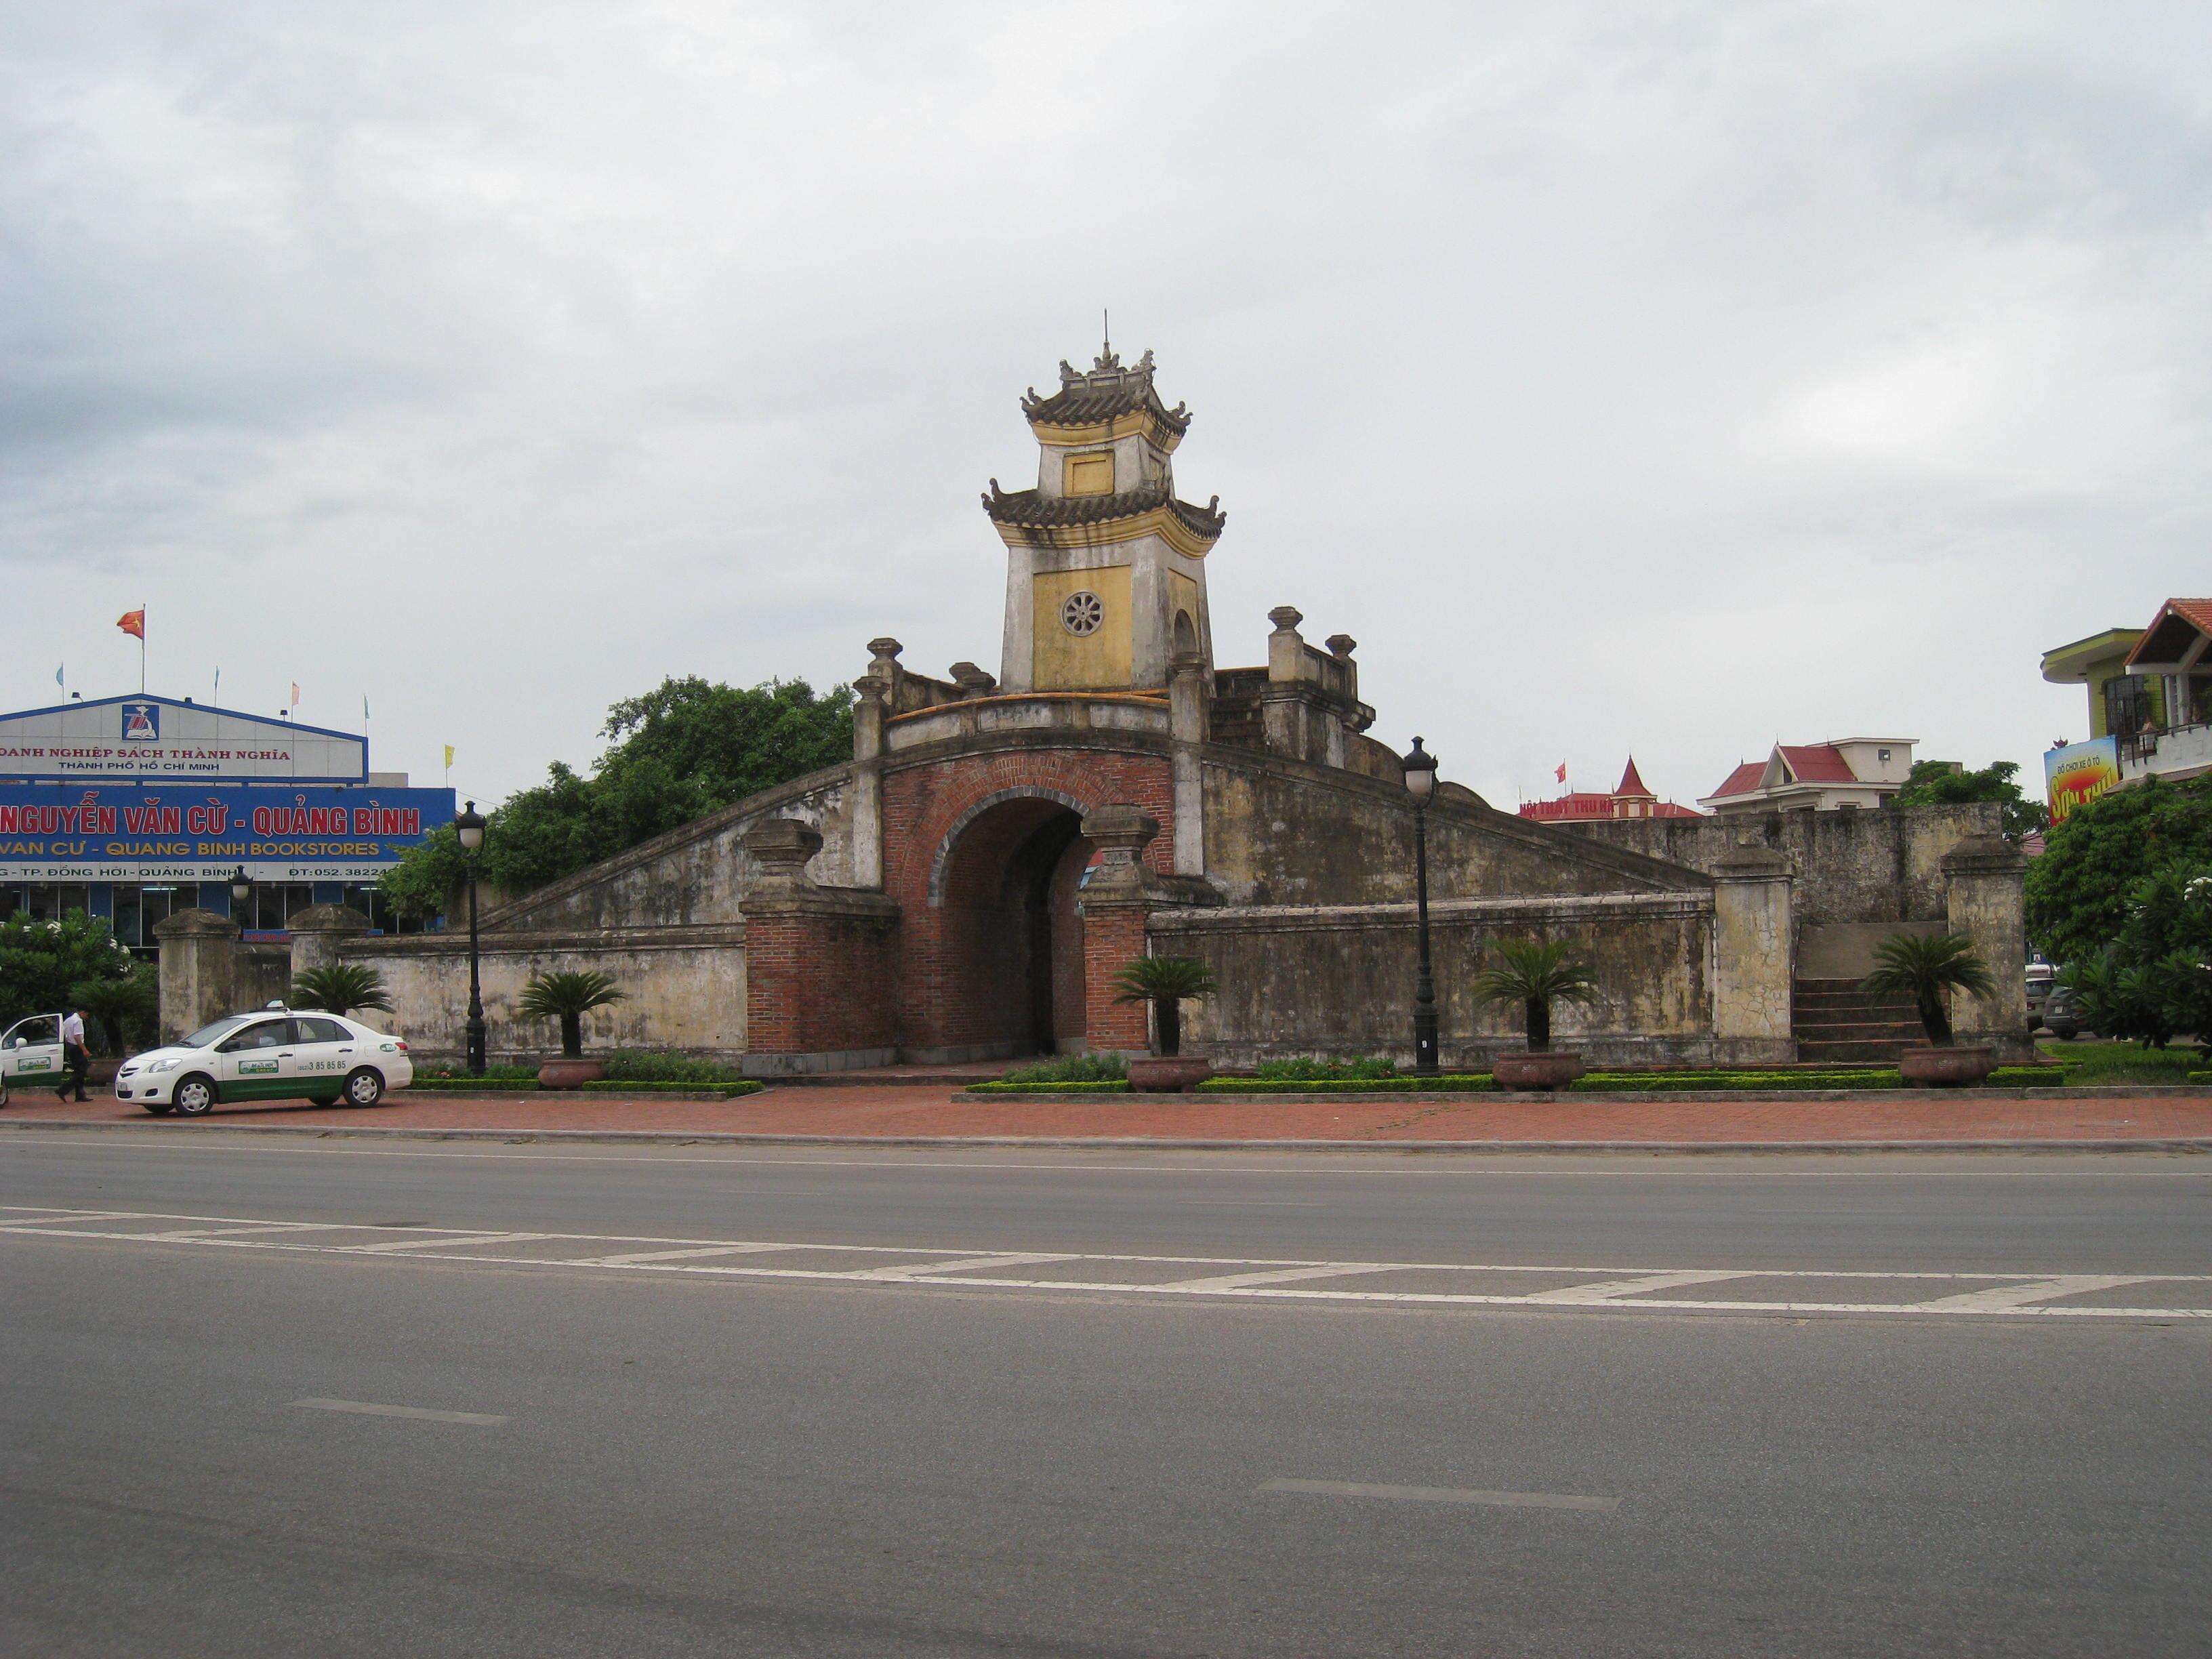 Bán nhớt Shell giá rẻ tại Quảng Bình